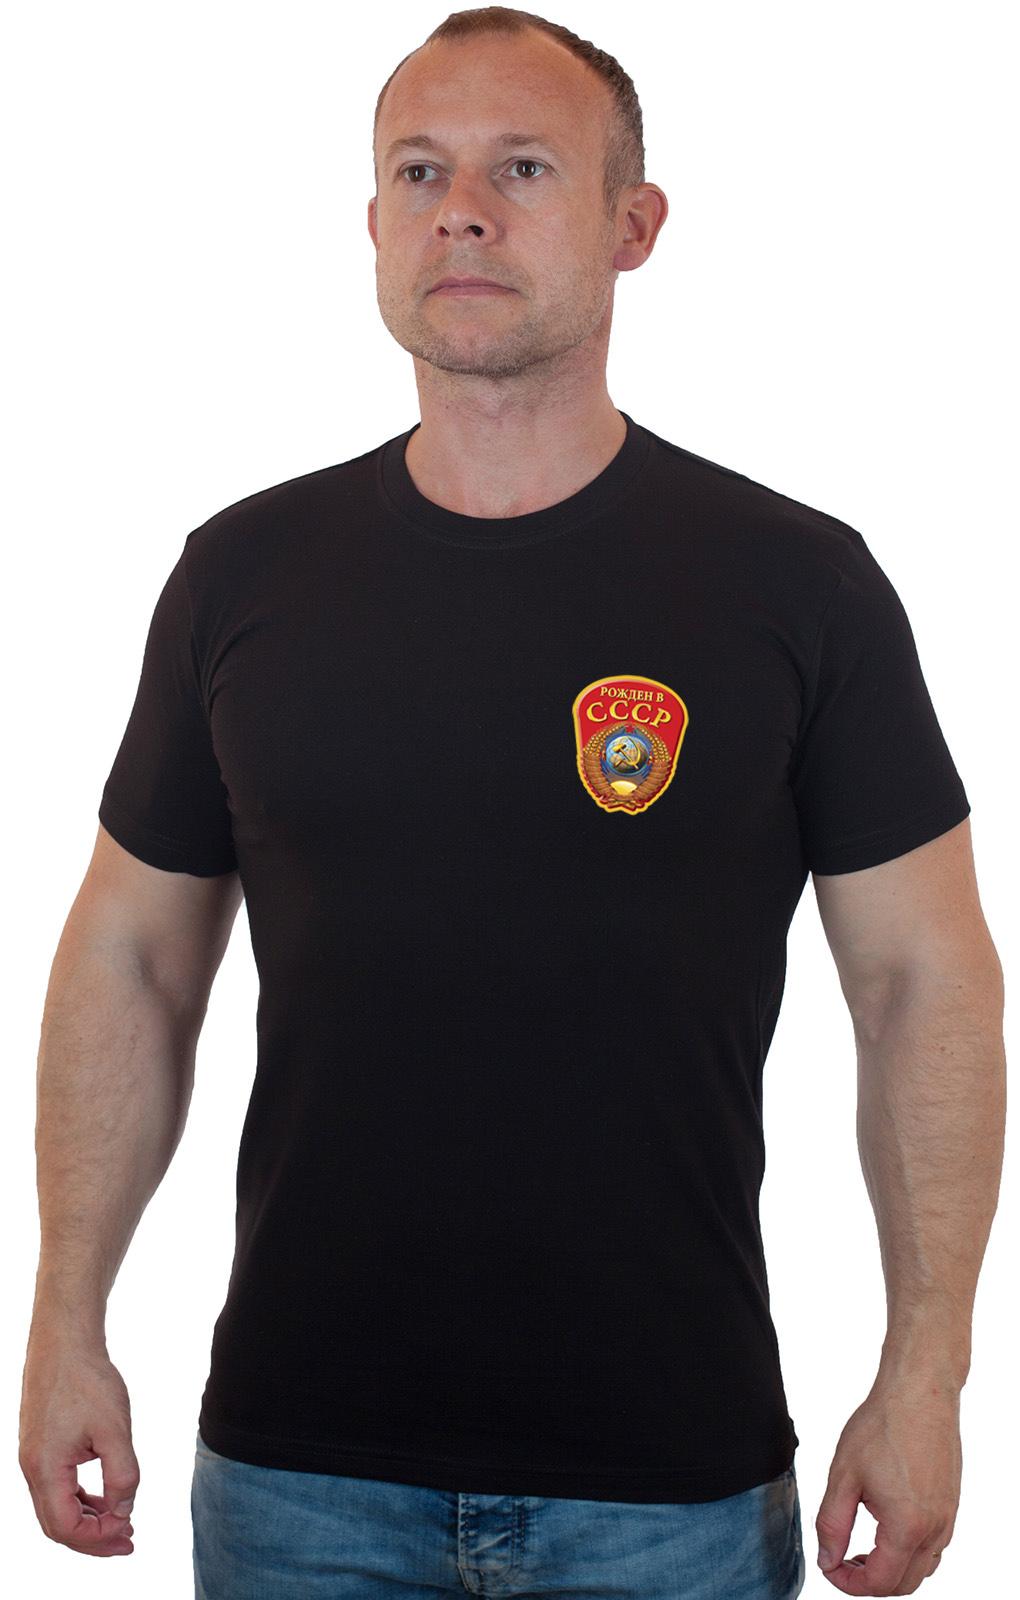 Мужские футболки недорого оптом и в розницу